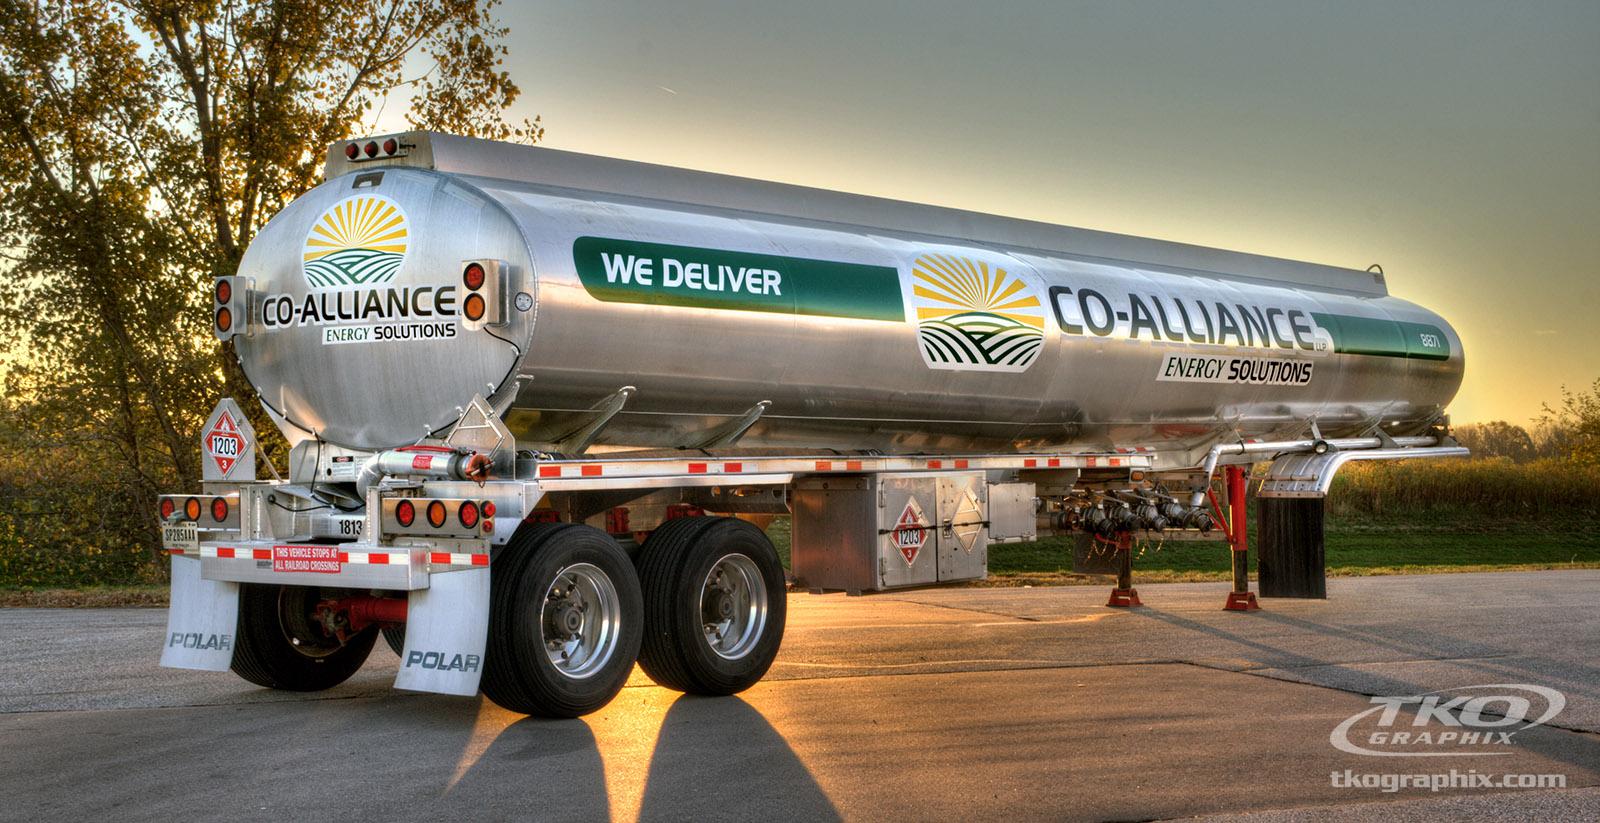 co-alliance tanker-tko graphix